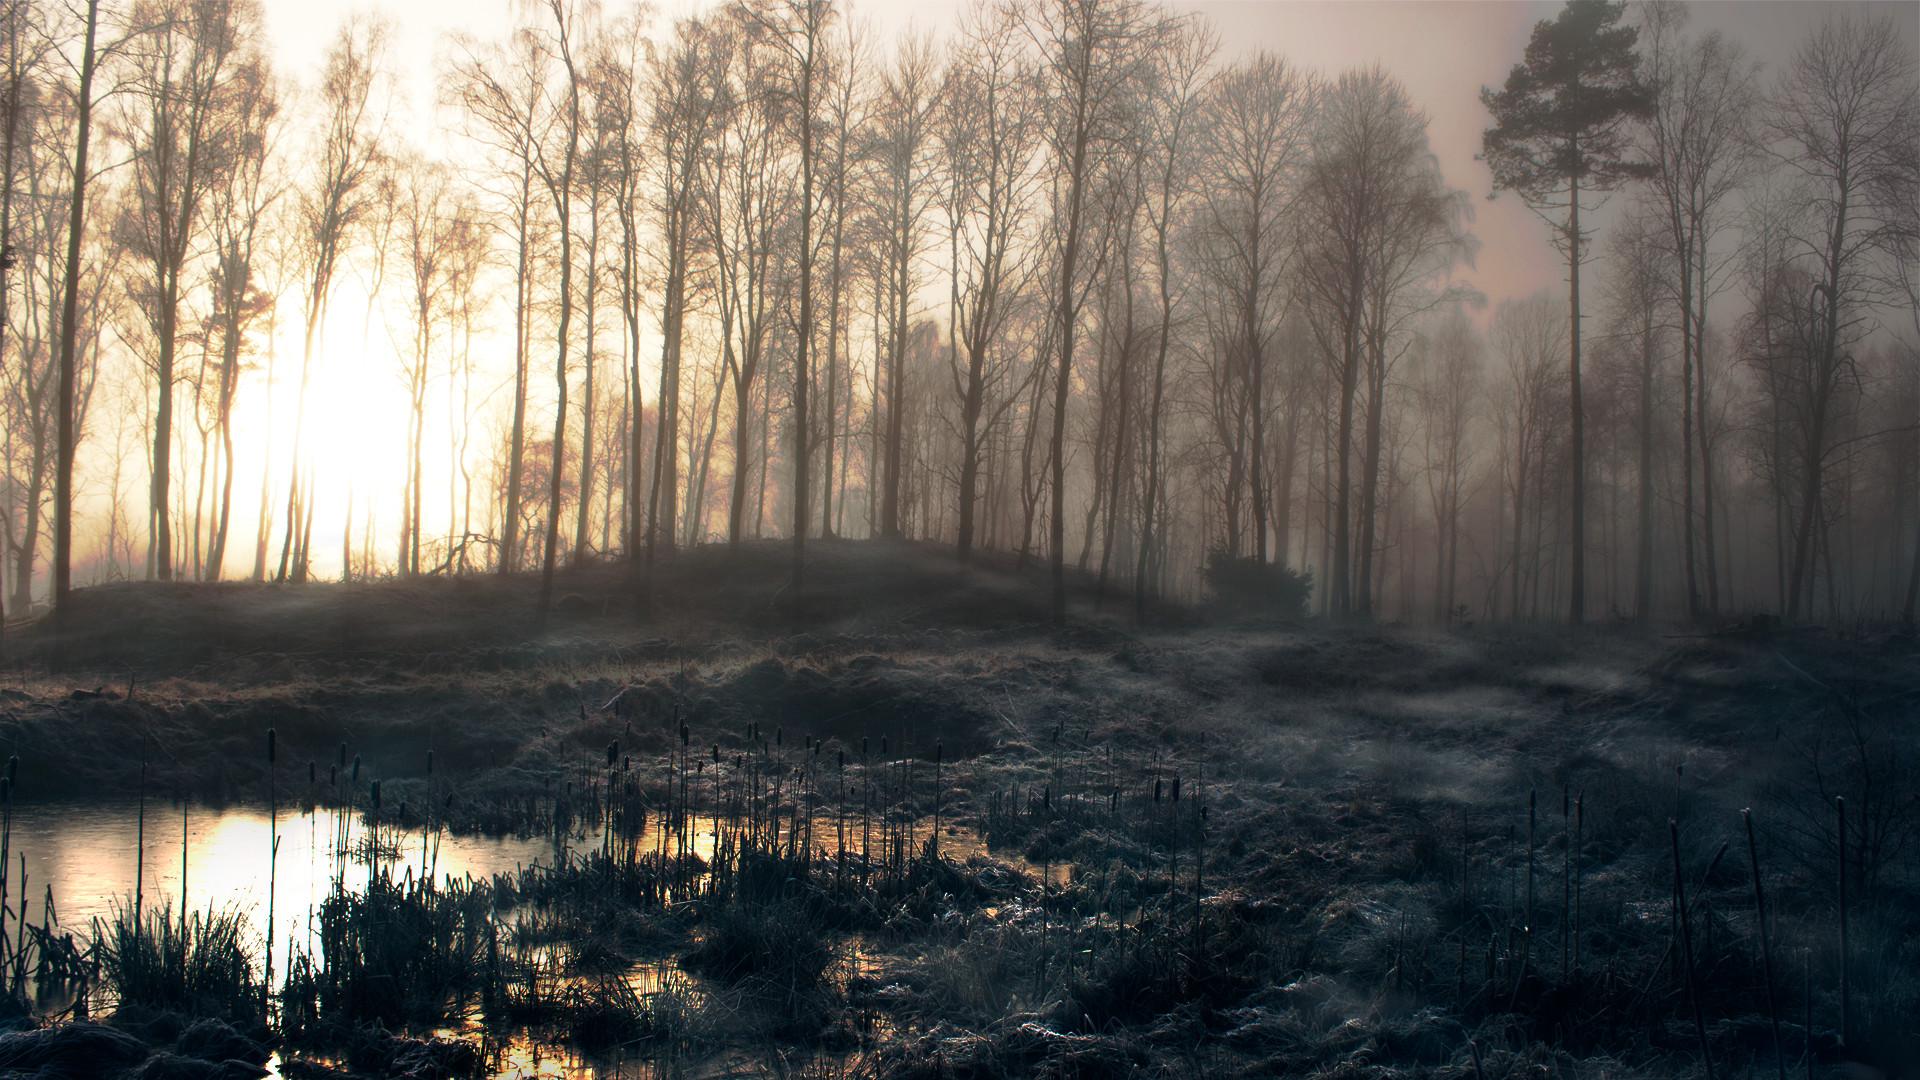 swamp-hd-33792-34553-hd-wallpapers.jpg.png